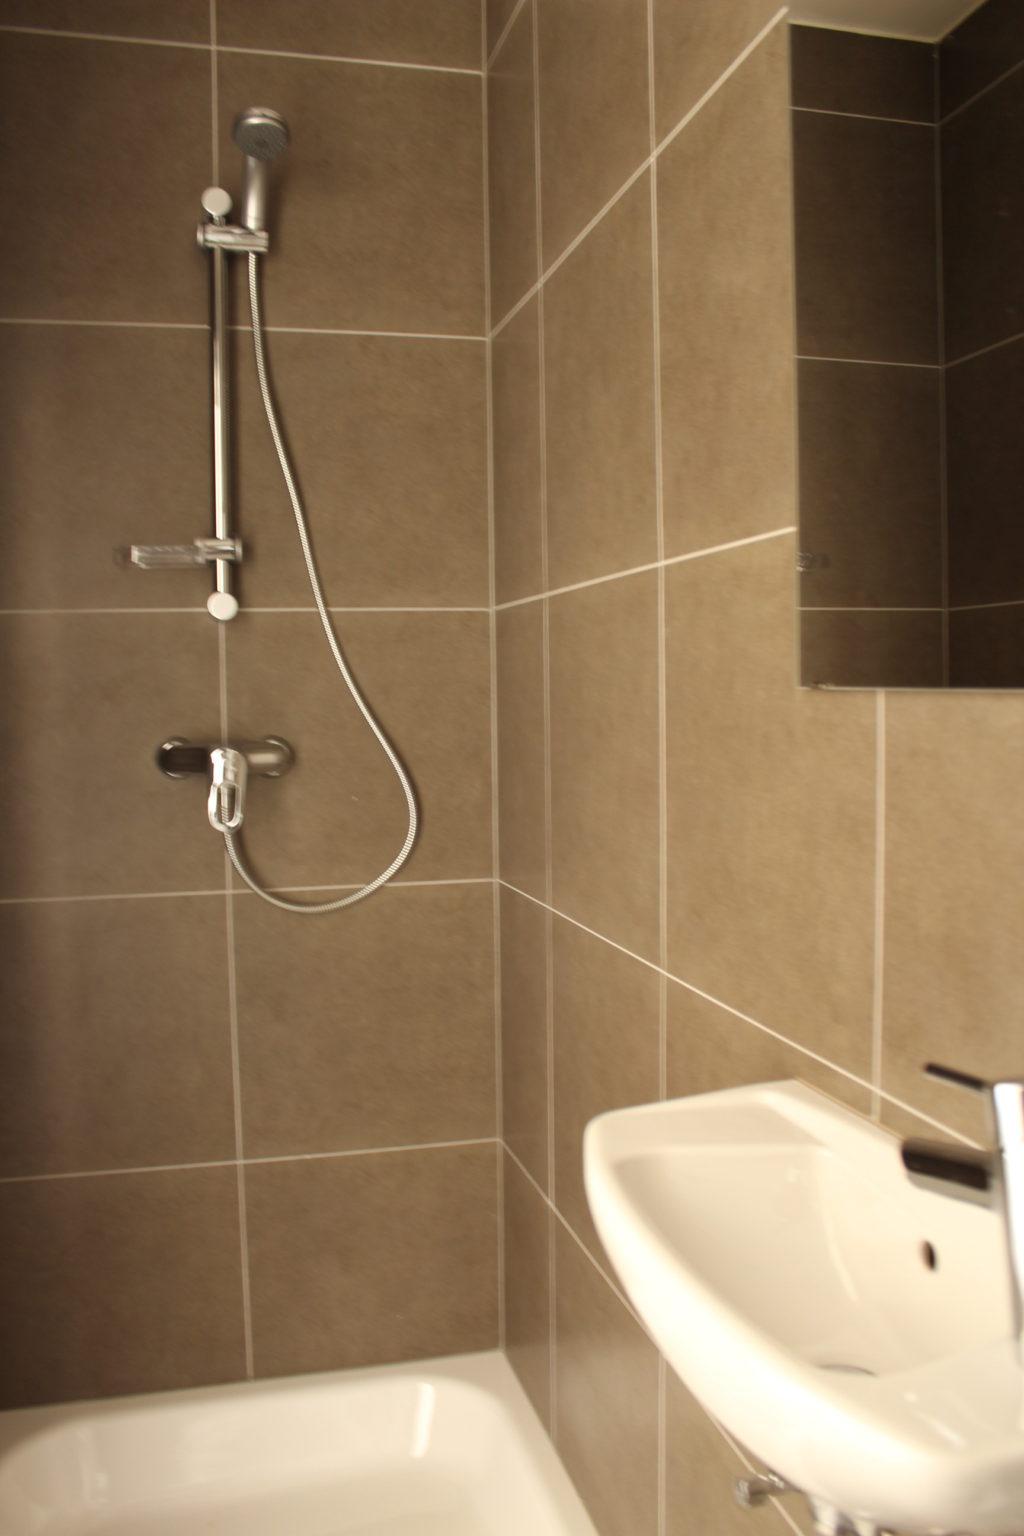 Wilgenstraat 45 - Kamer 11 - Badkamer met douche en lavabo